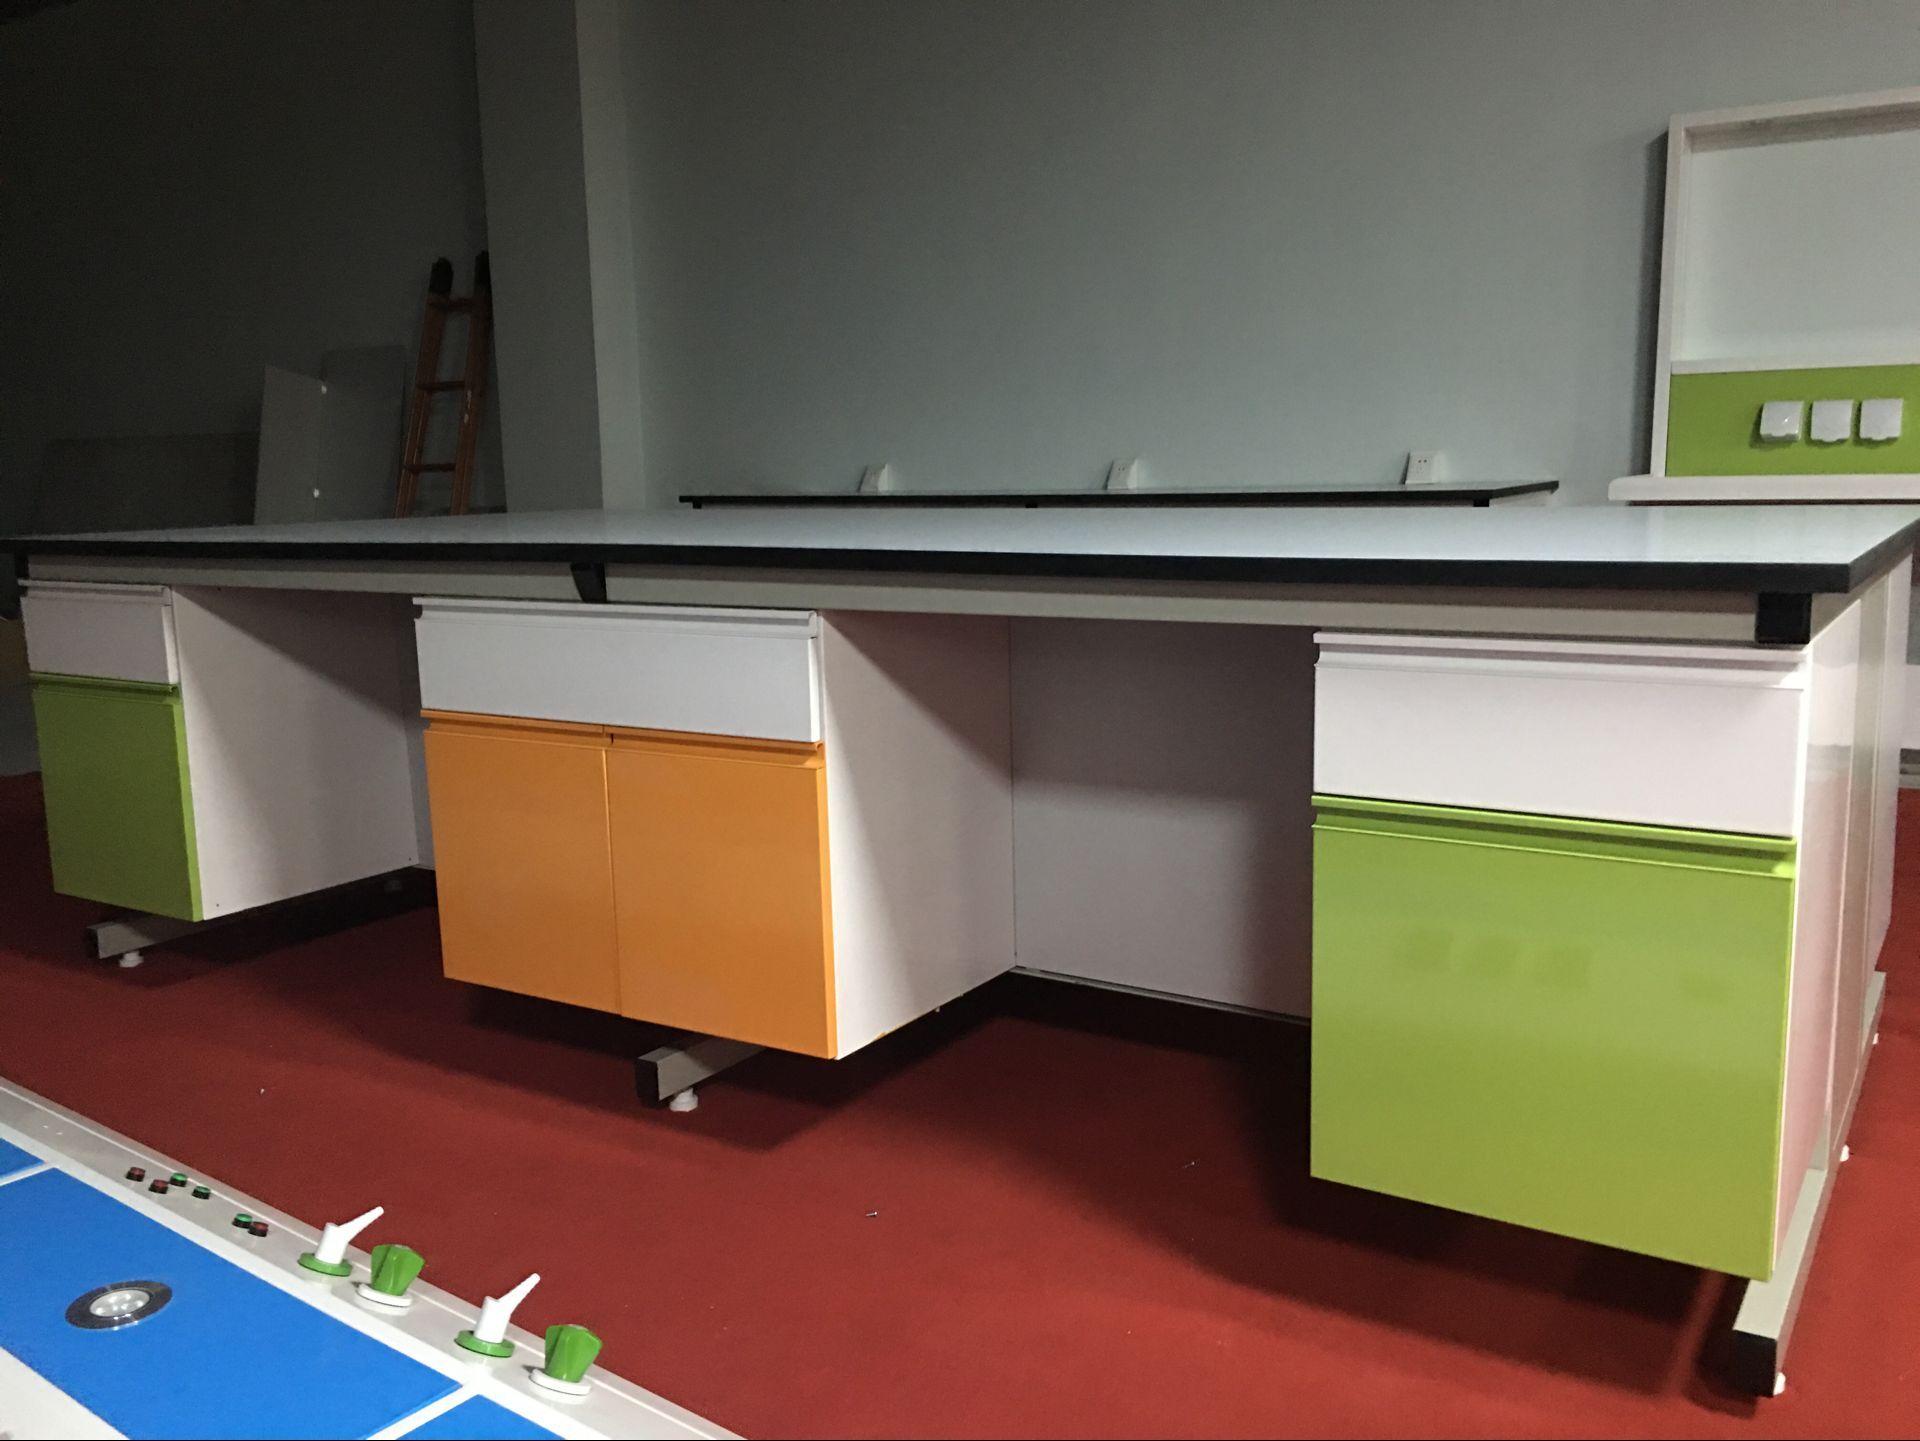 广州_全钢实验台_实验室家具厂家_通风柜_实验室建设公司_广州环扬实验室